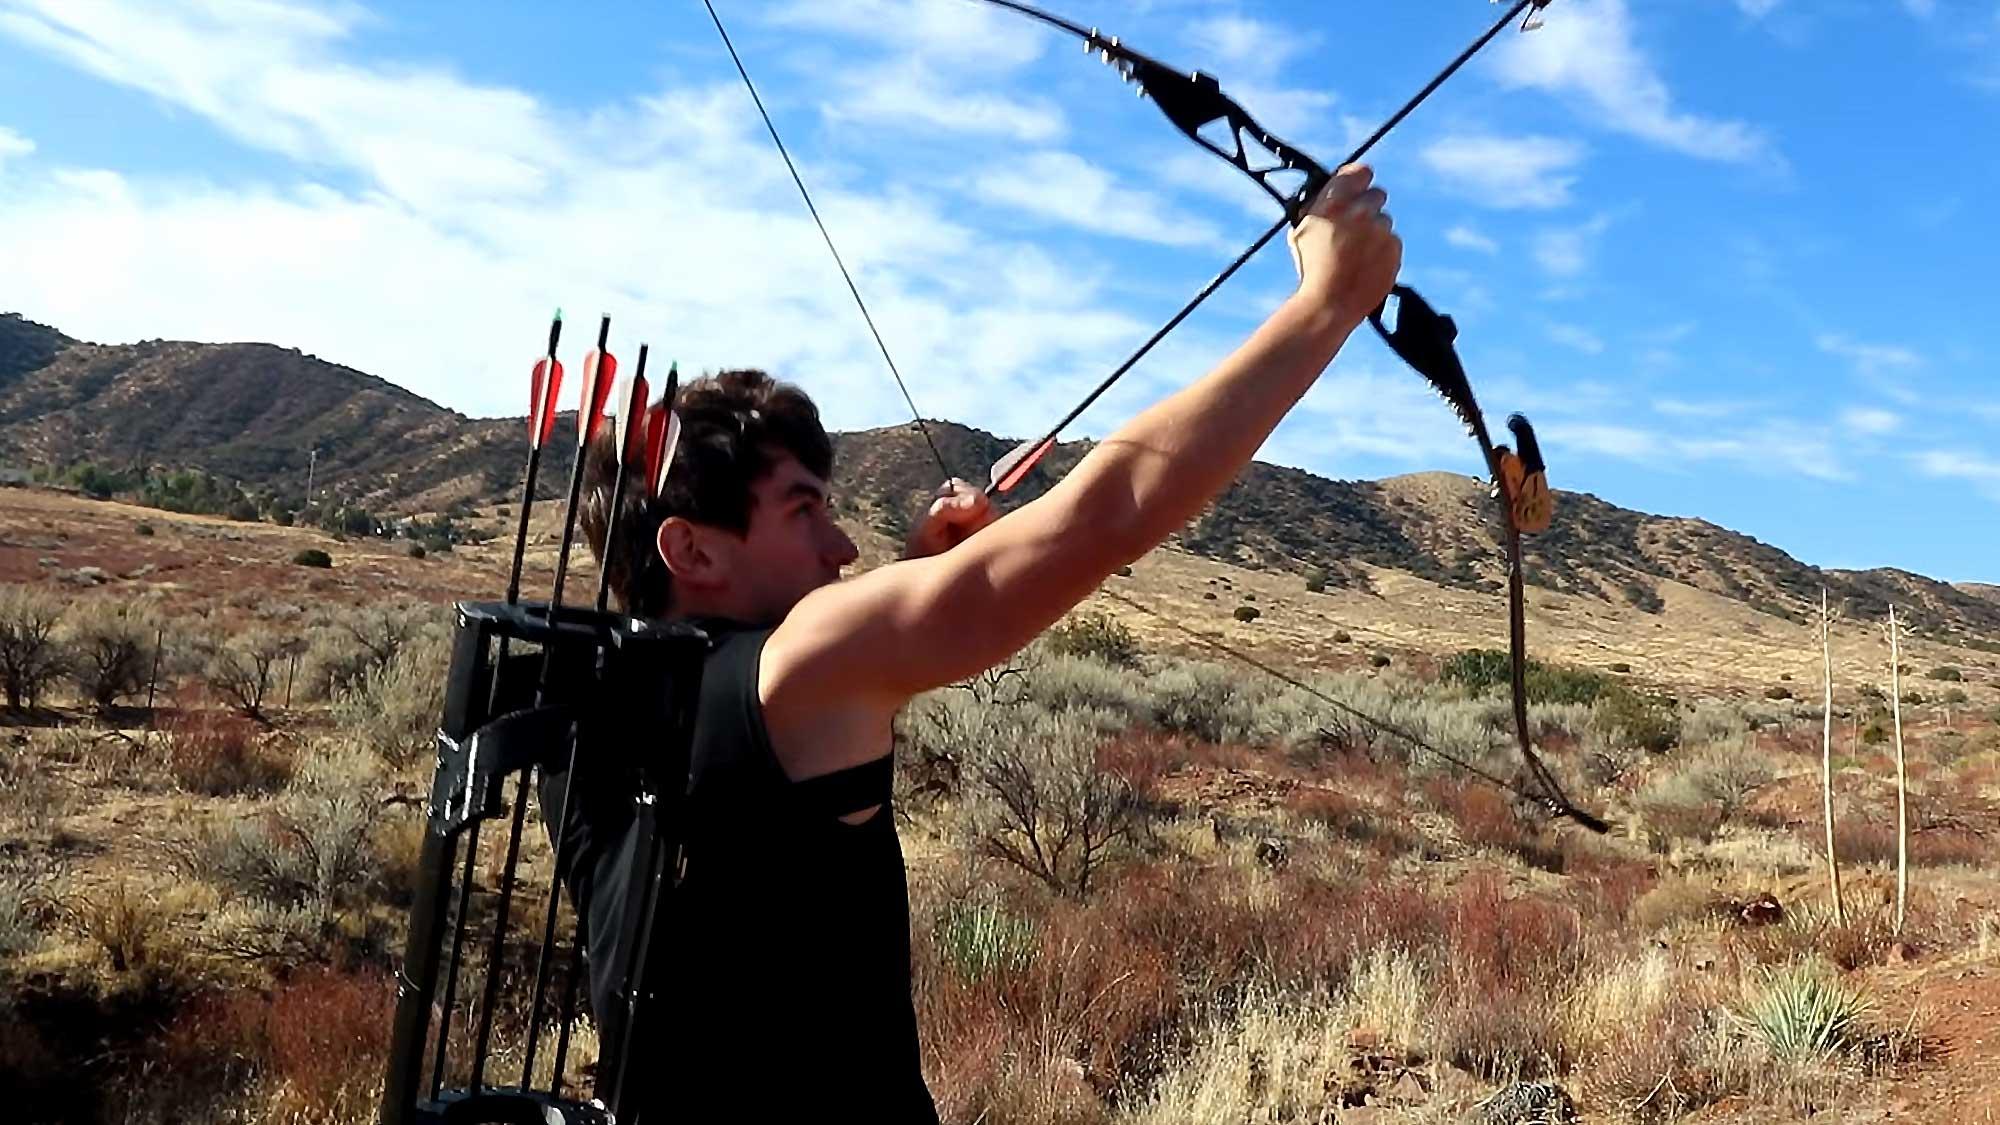 Working Avengers Hawkeye Gadget Arrows